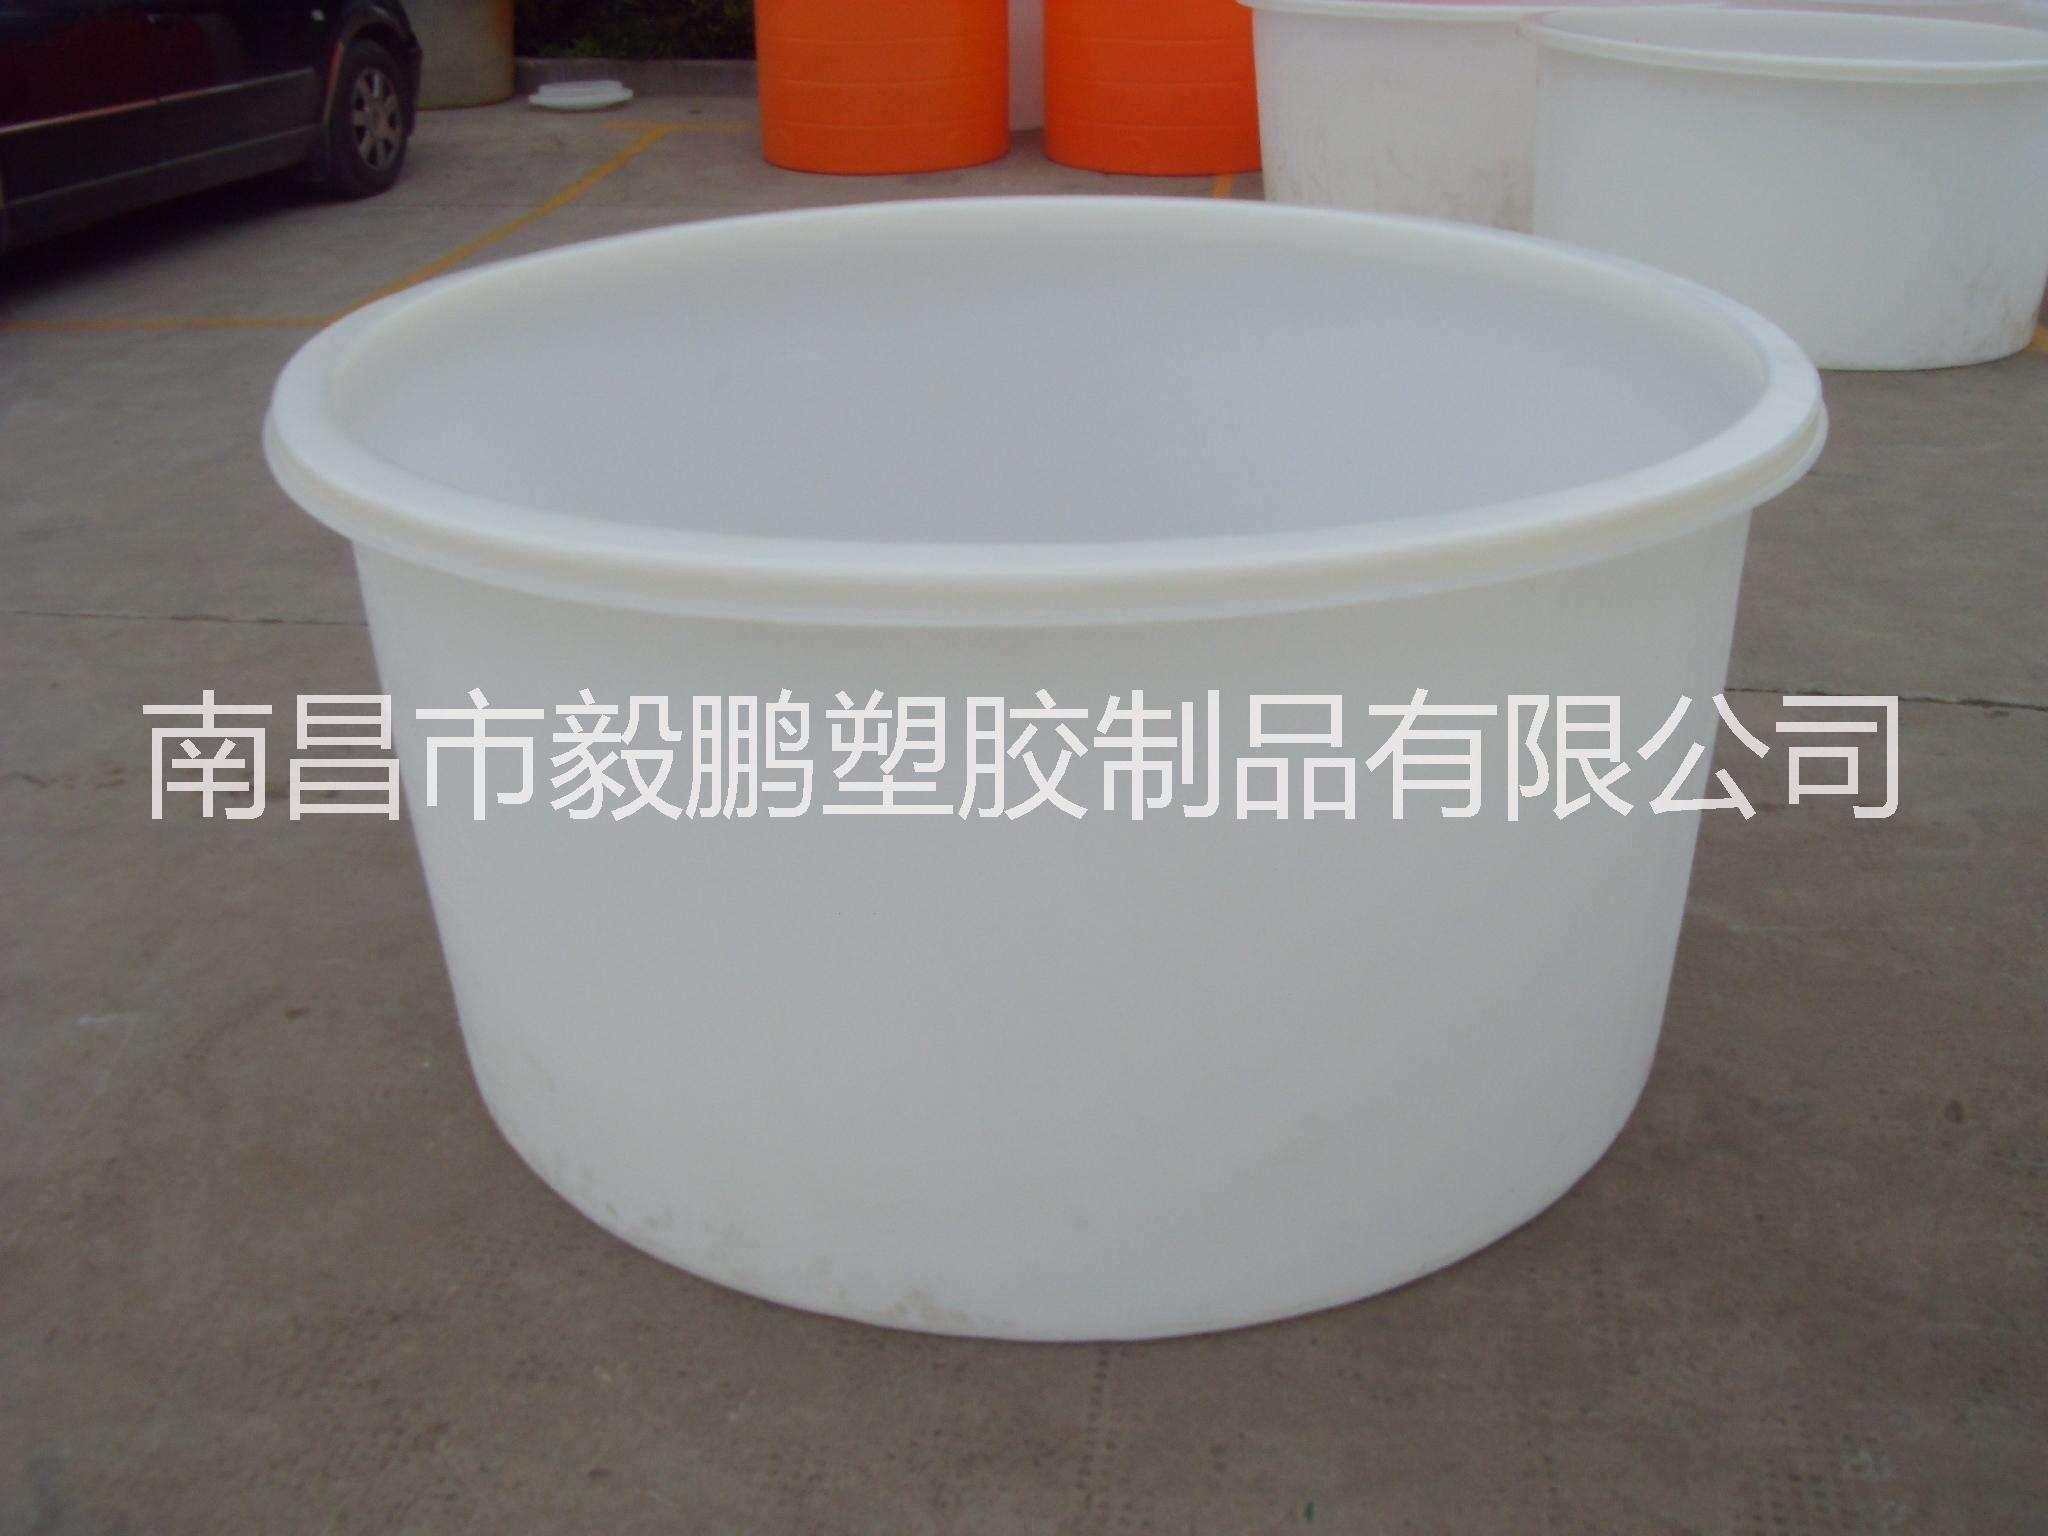 毅鹏贵州圆桶10000L塑料圆桶 厂家